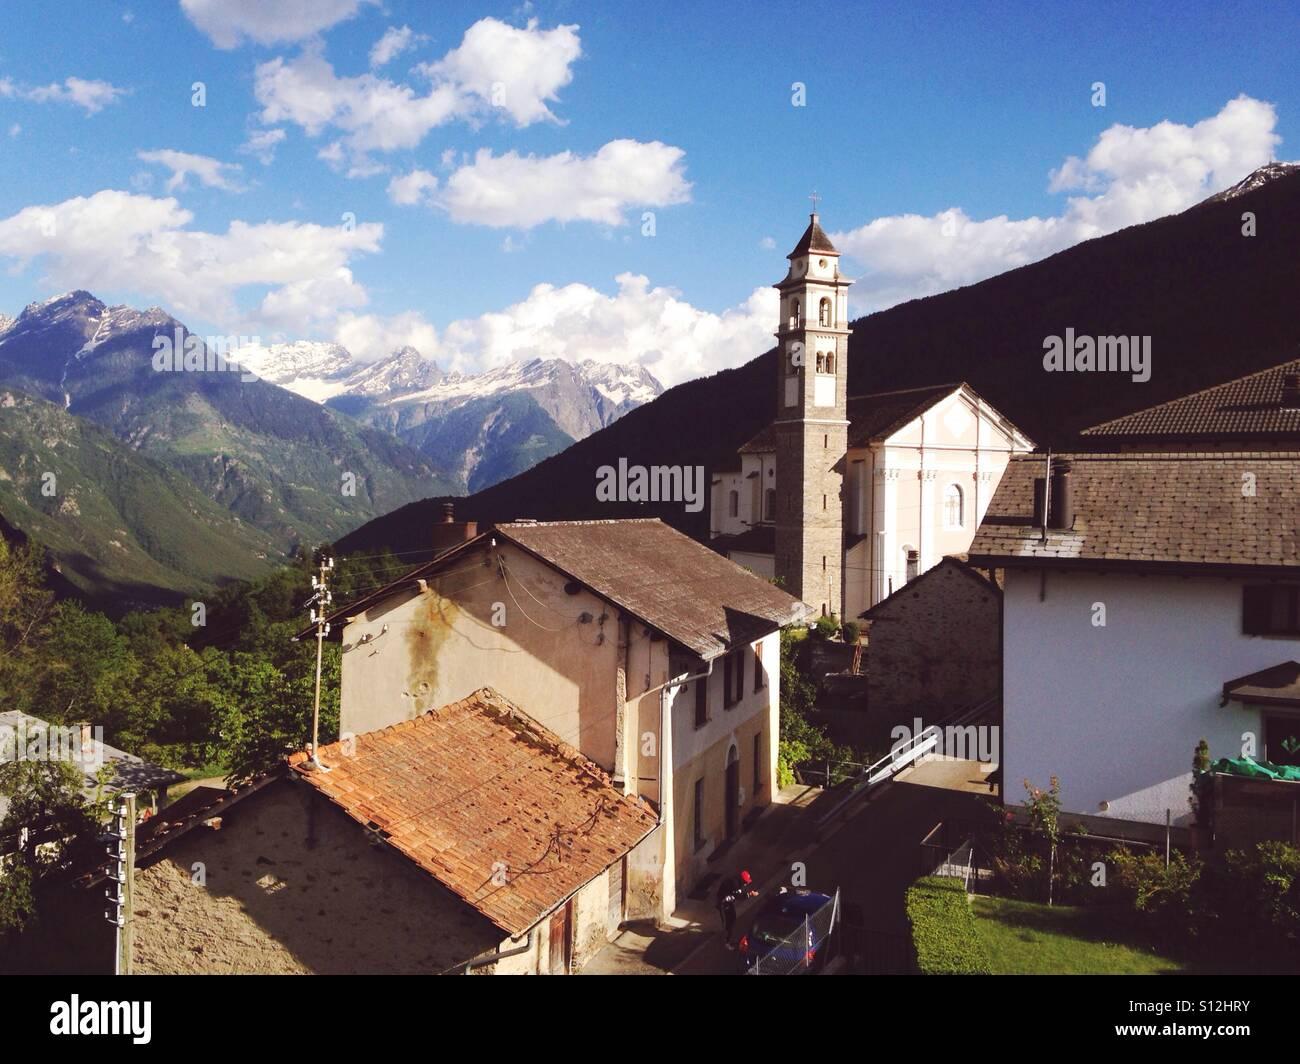 The small village of Leontica in canton Ticino, Switzerland. Stock Photo